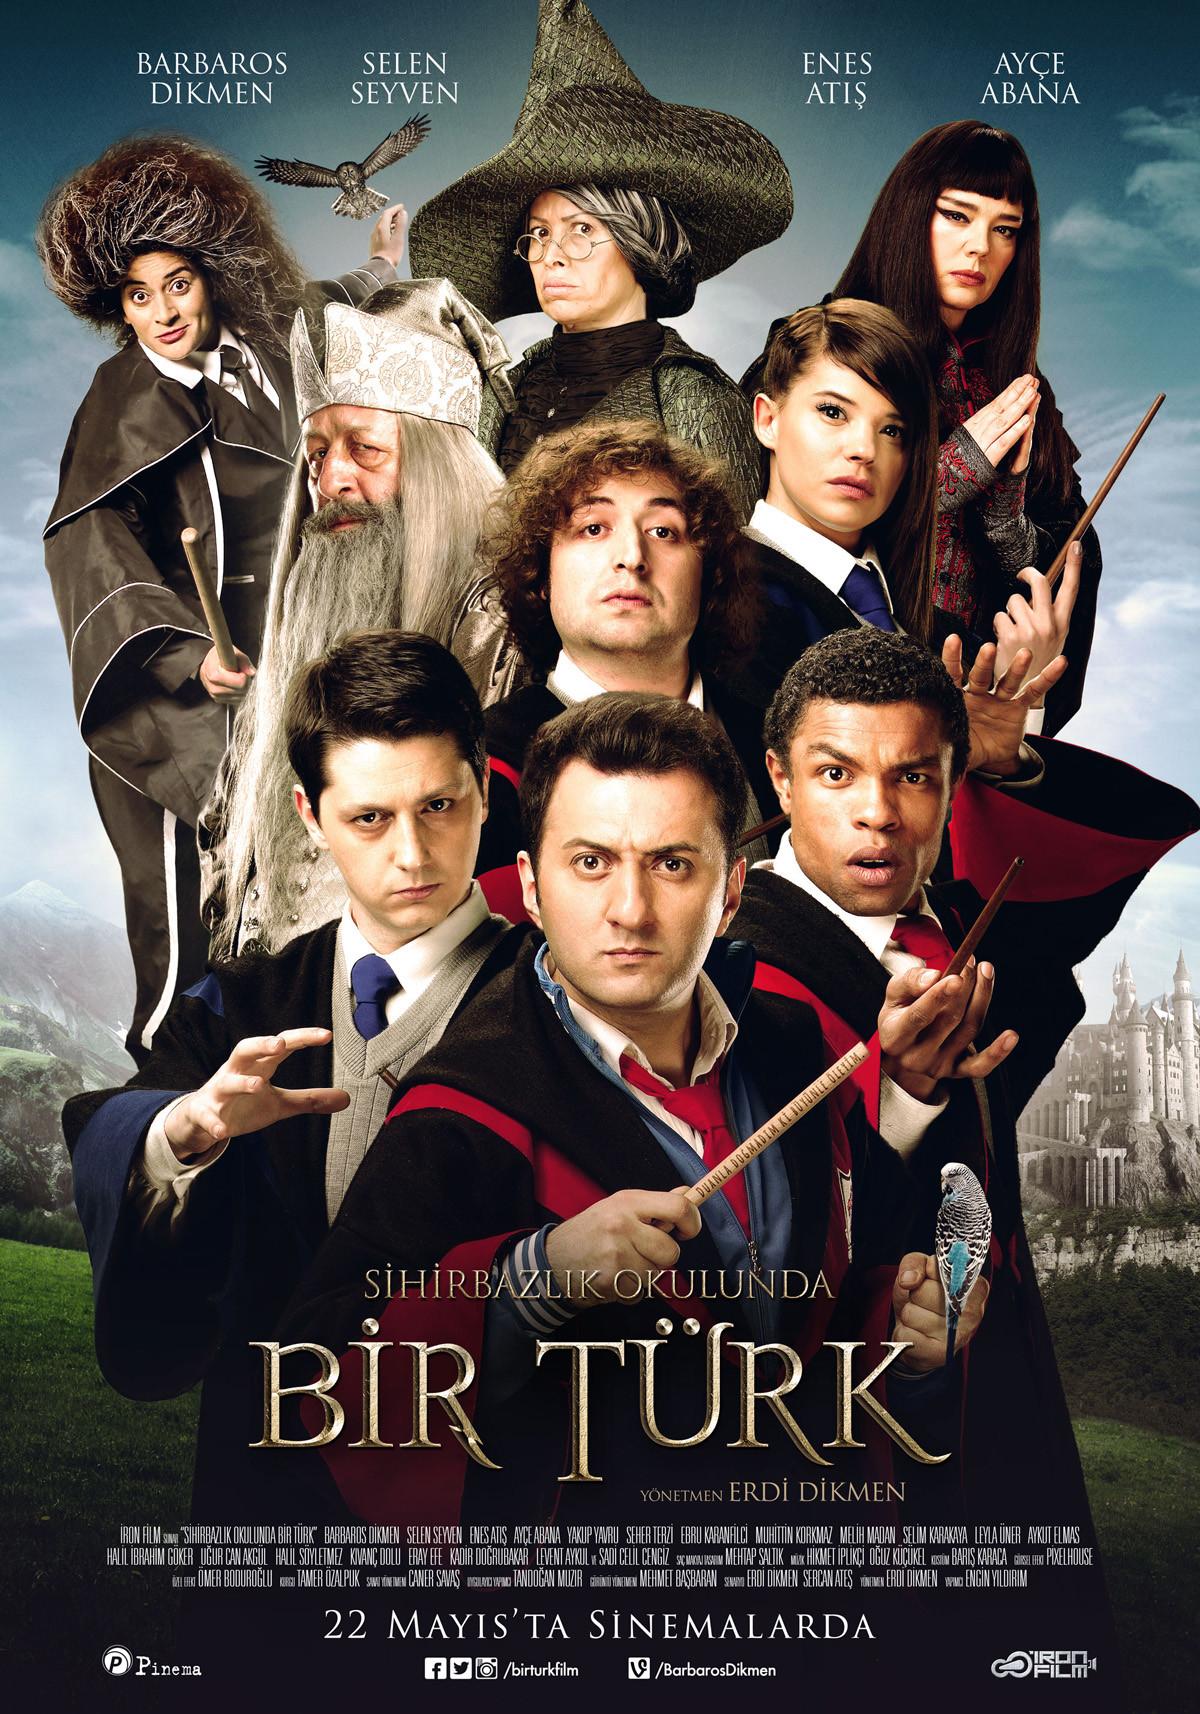 Sihirbazlık Okulunda Bir Türk Yerli Filmi izle – Tek Parça